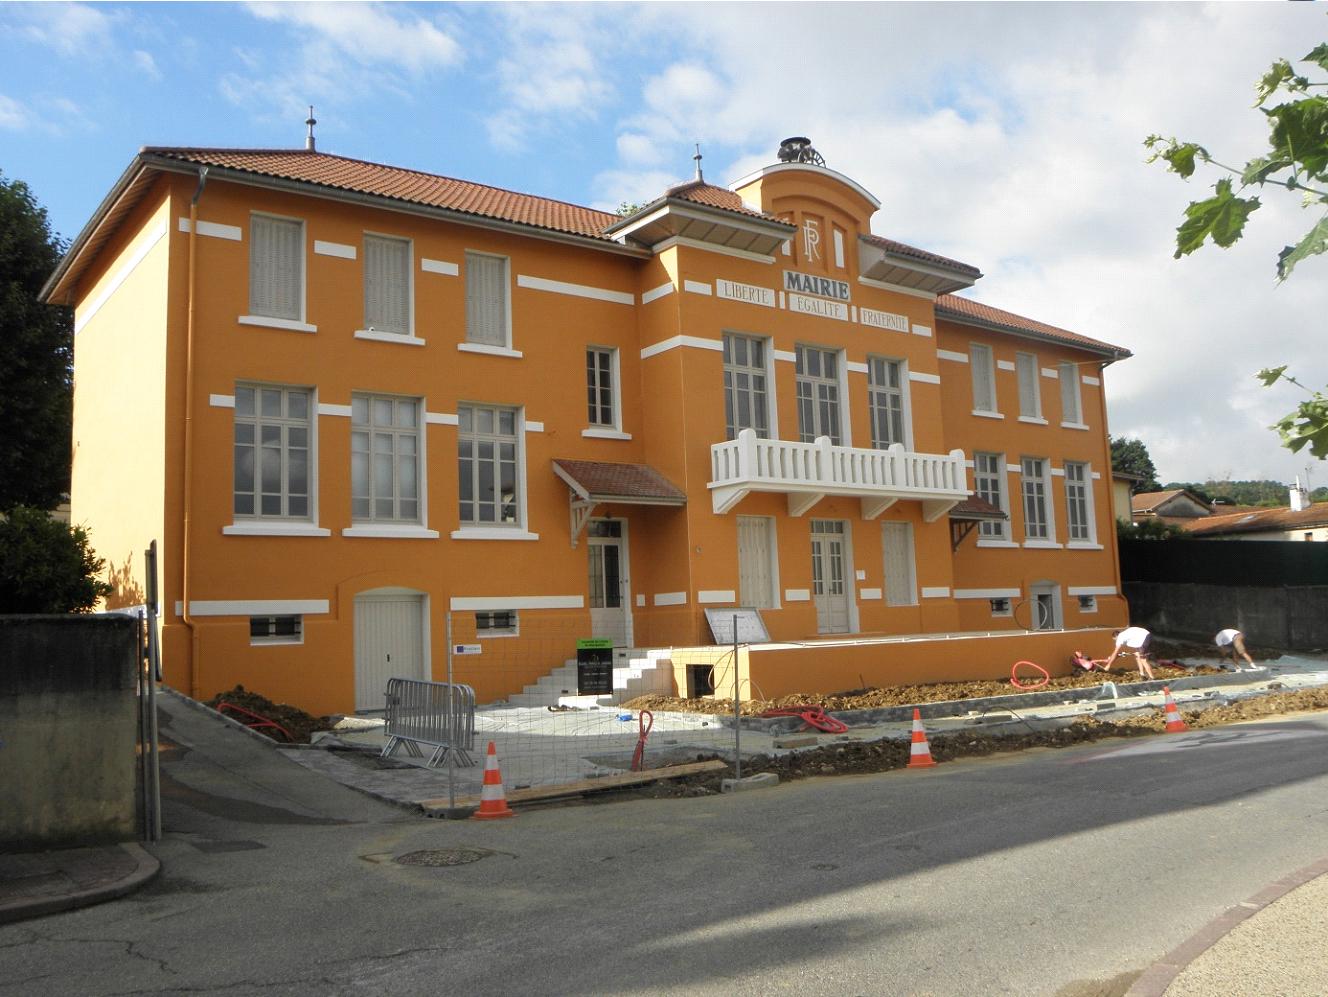 Travaux de rénovation de façade mairie de Marennes par l'équipe de façadiers de Fran Façades